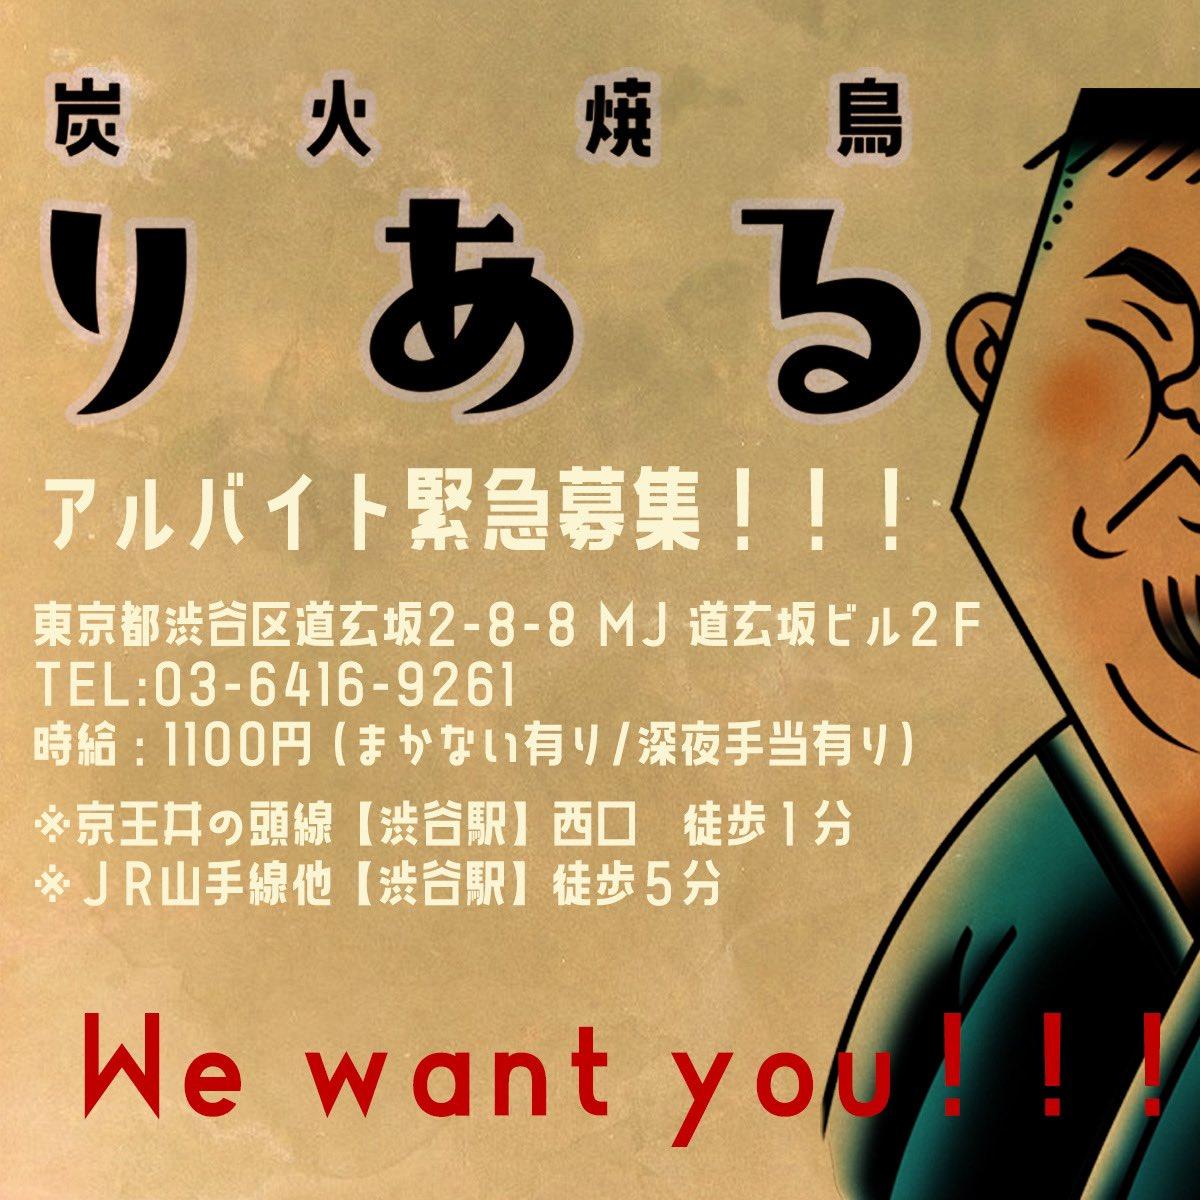 「道玄坂の超人墓場」こと「炭火焼鳥りある」がアルバイトを募集しております。多少のヤル気と元気がある方は是非お問合せ下さい☆#りある#焼鳥#渋谷